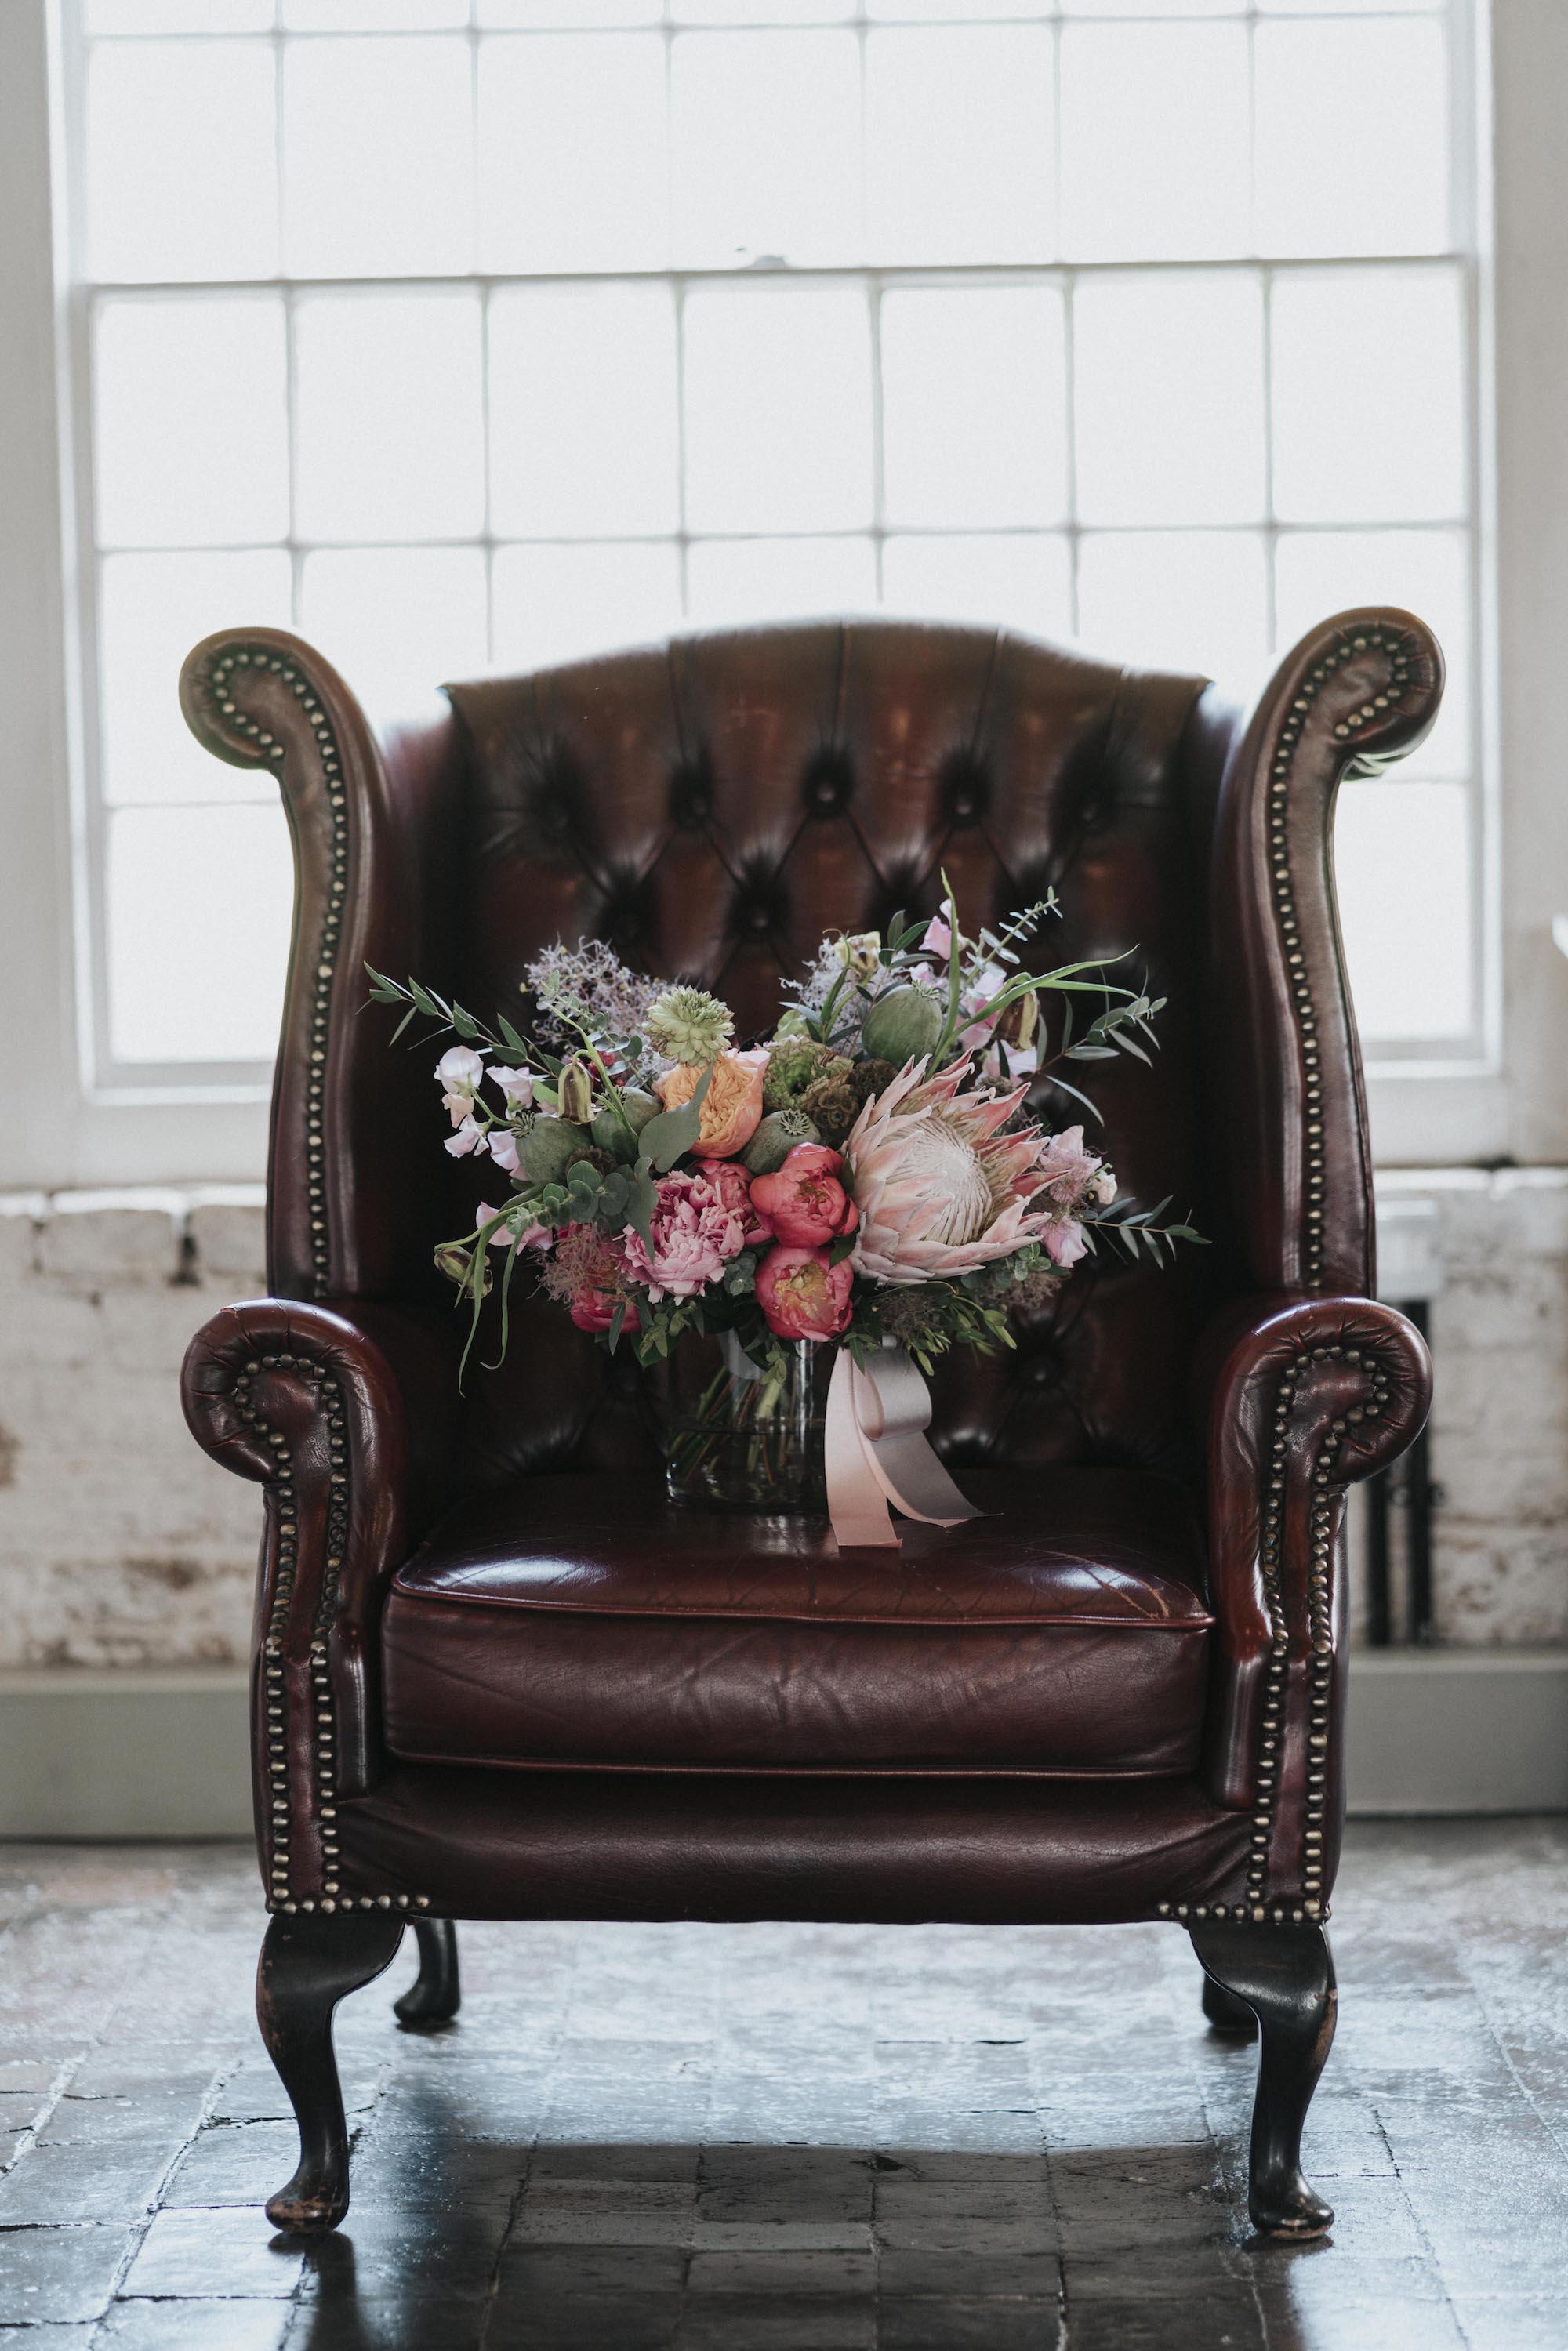 Protea bouquet maristromsbogjorv@icloud.com